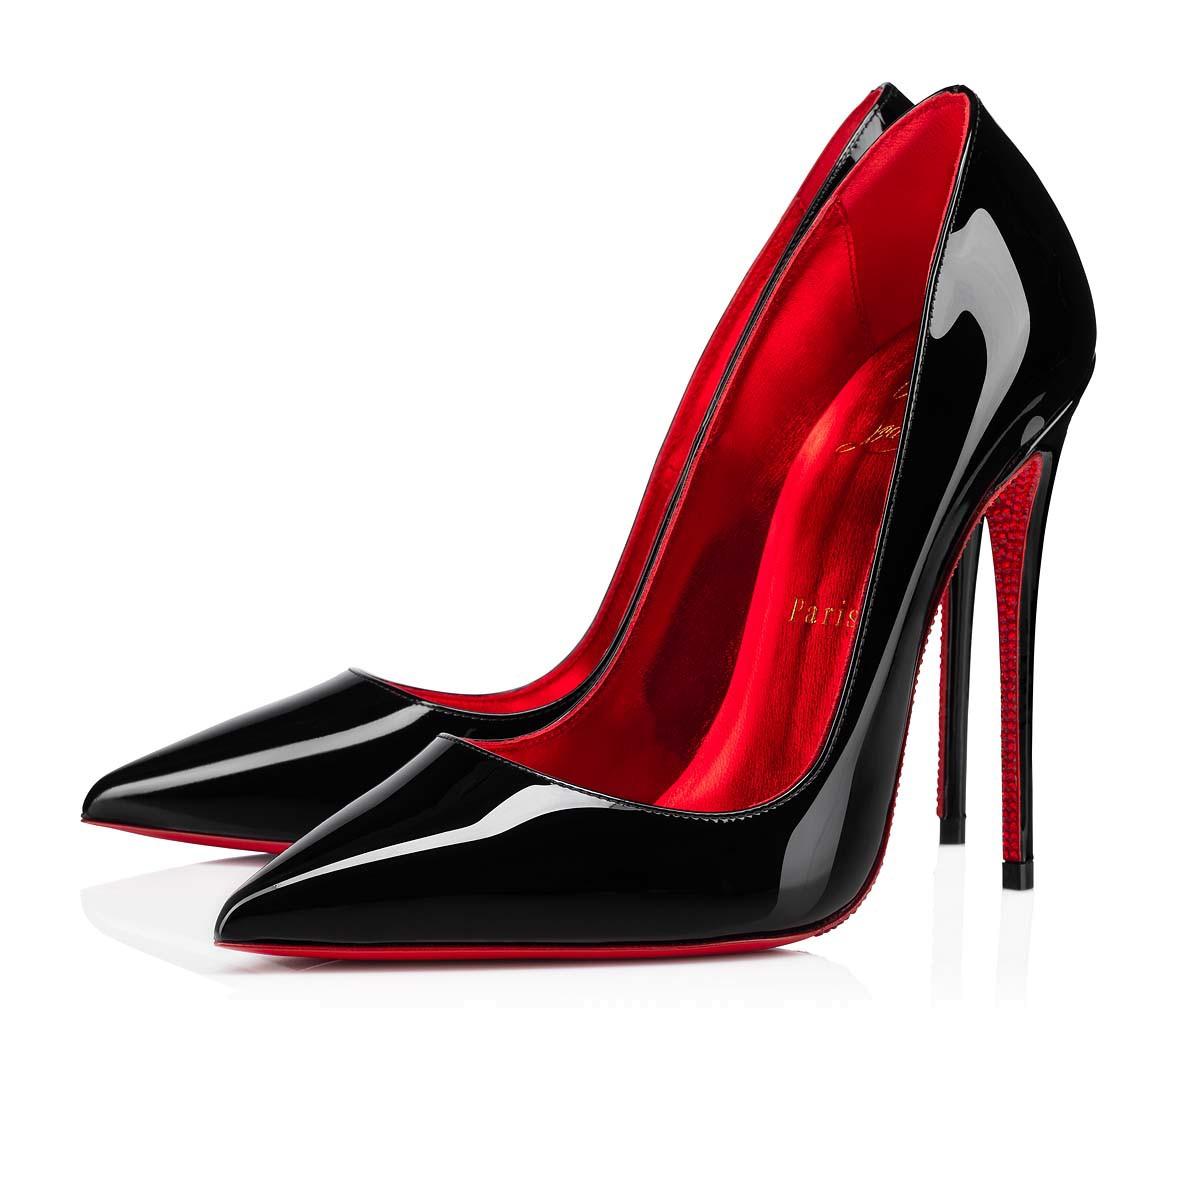 鞋履 - Suola So Kate - Christian Louboutin